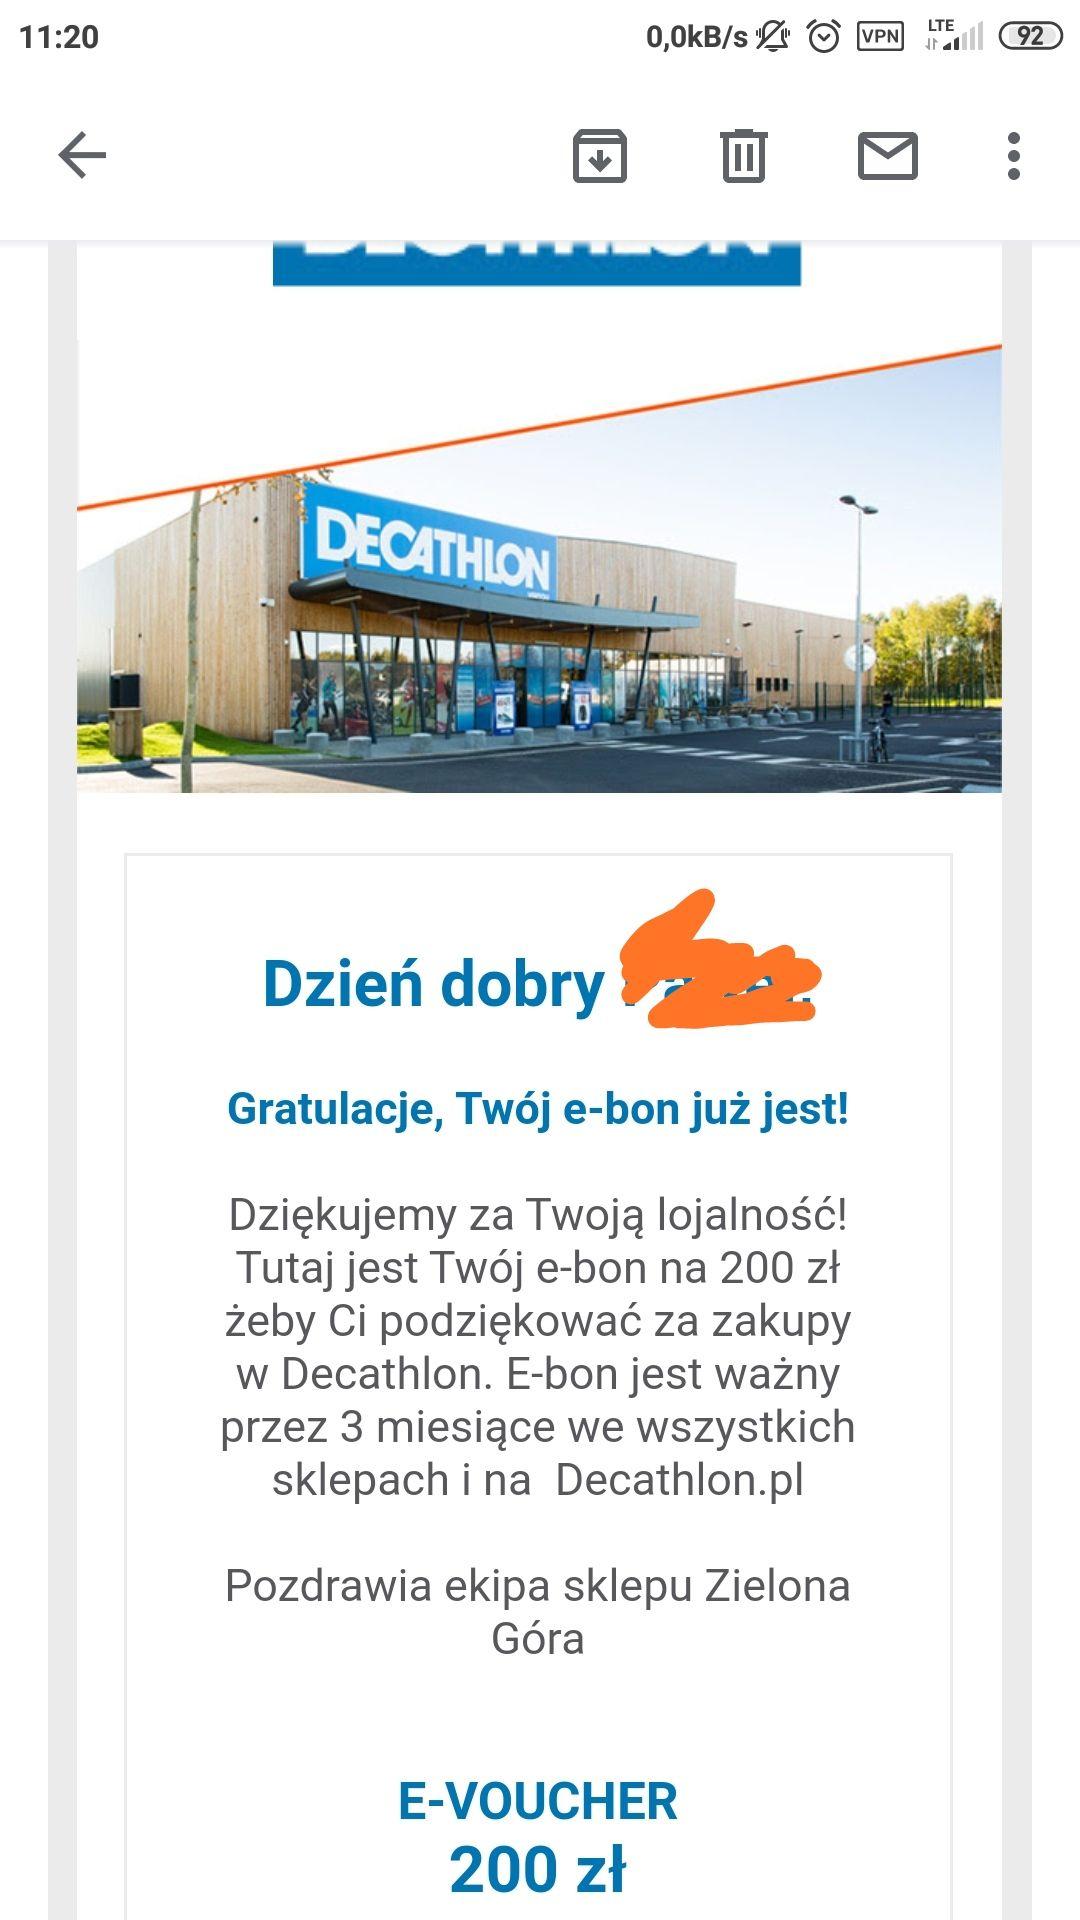 Decathlon e-voucher 200zł